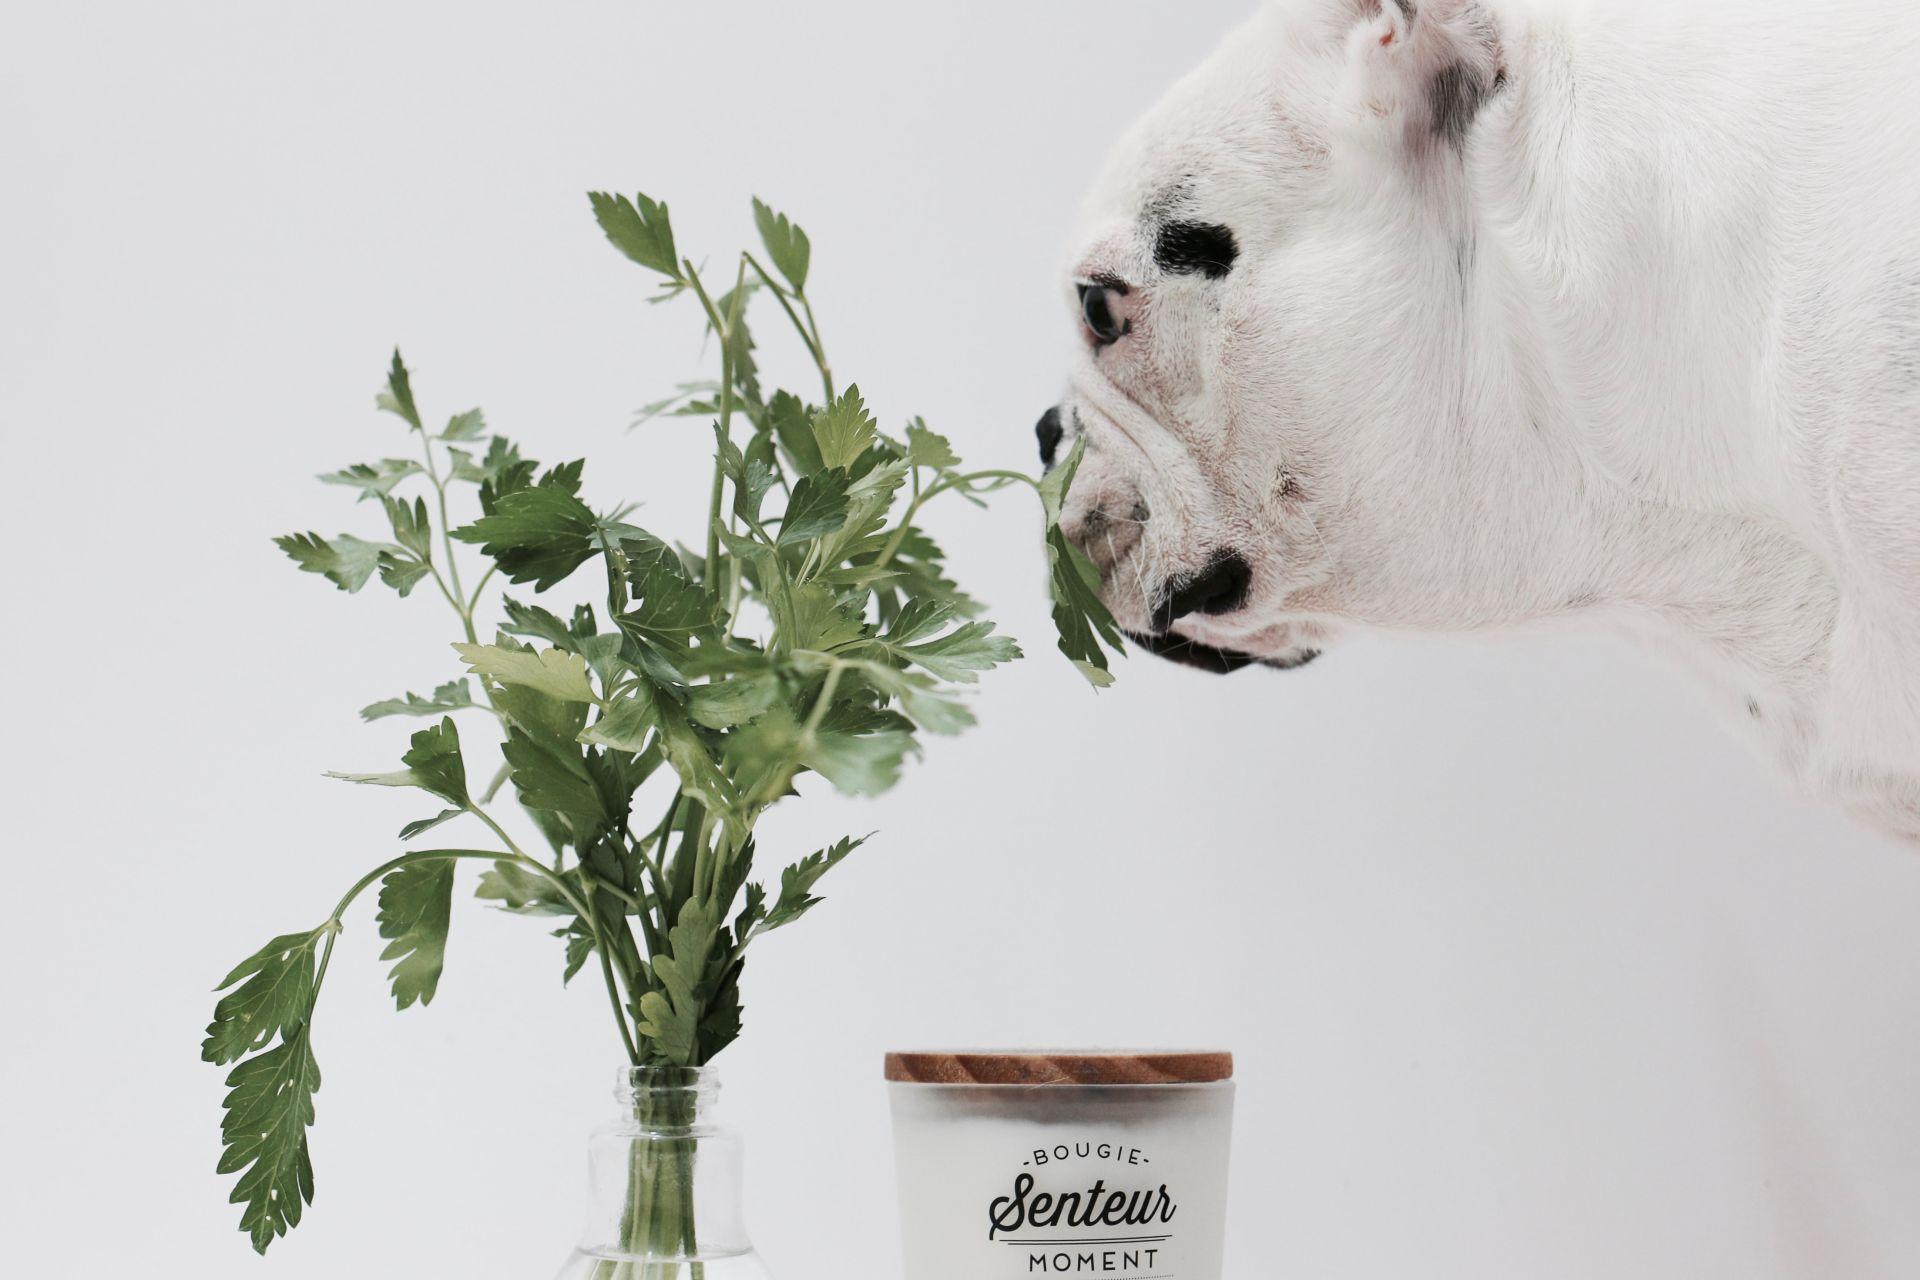 le persil pour lutter contre la mauvaise haleine chez le chien